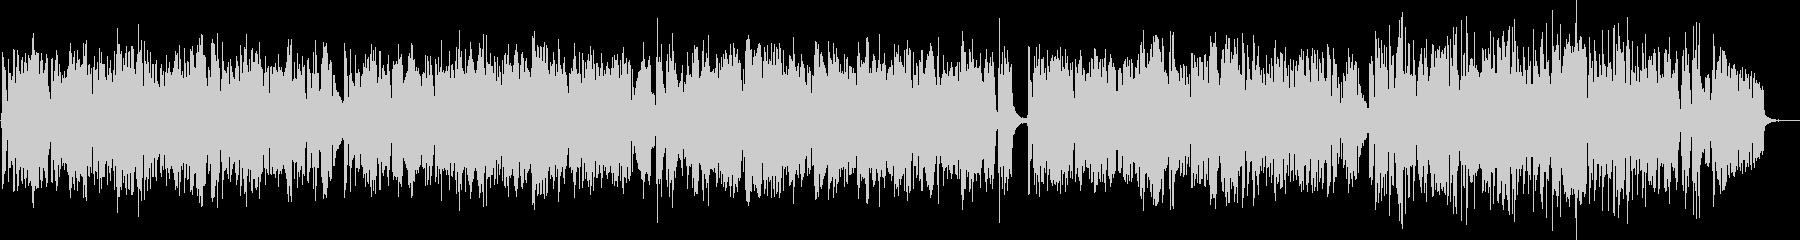 フルートとピアノのかわいいボサノバの未再生の波形